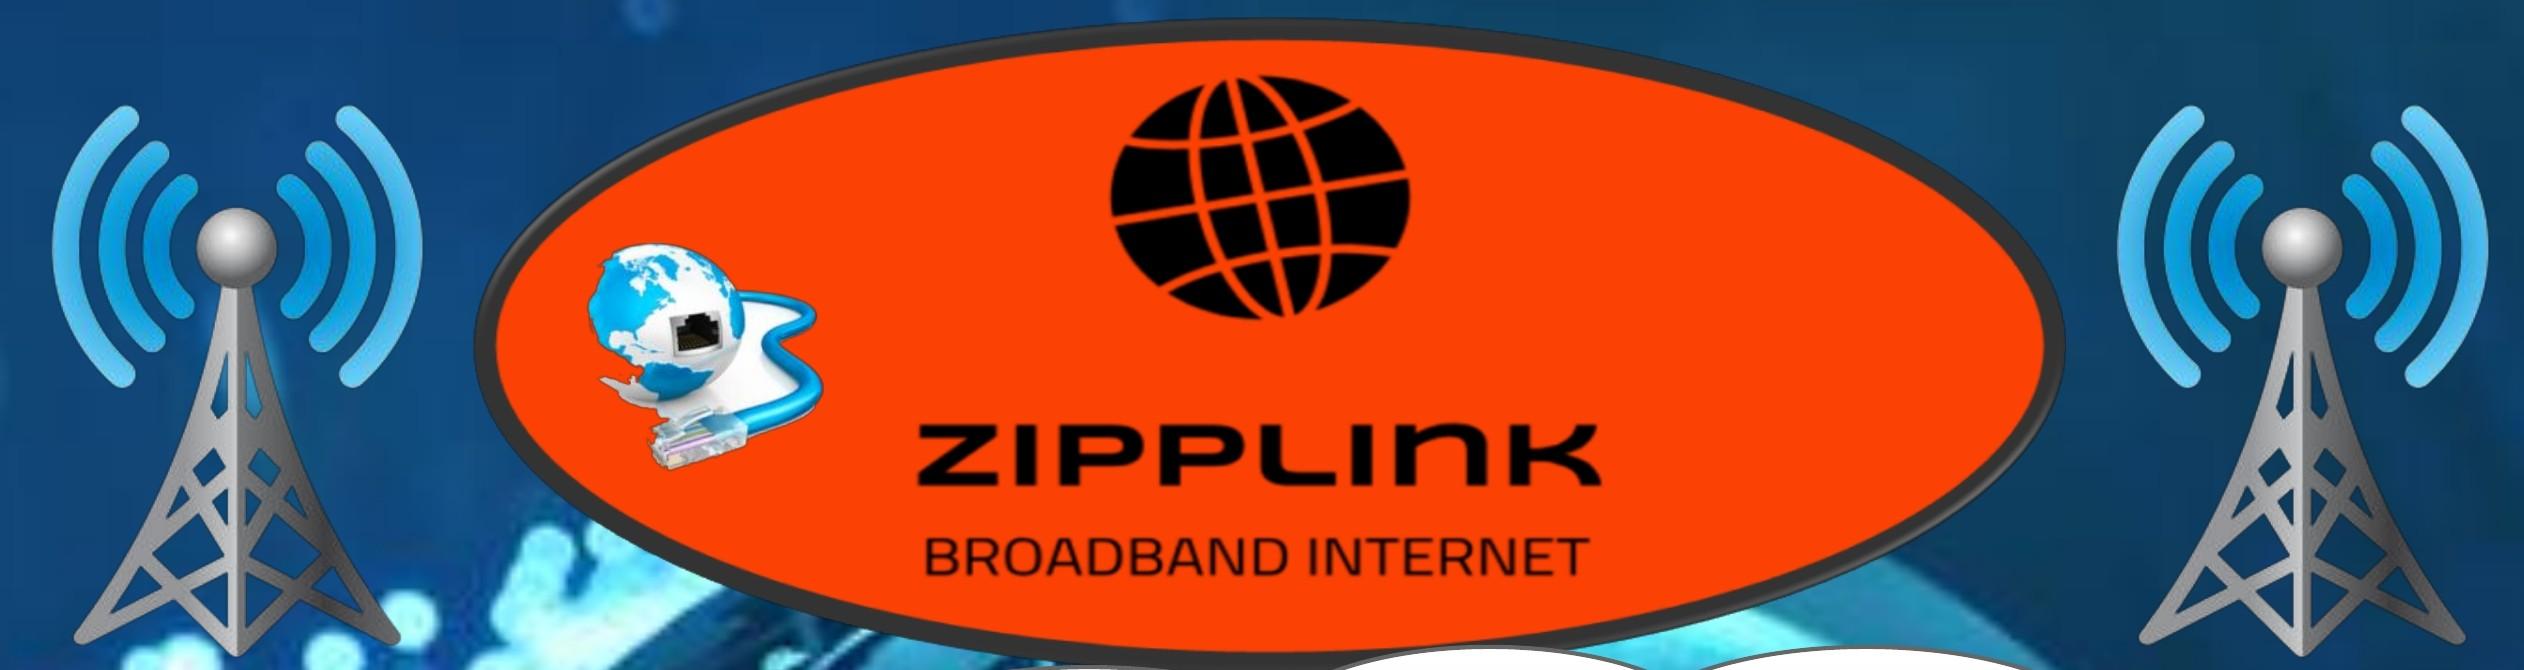 zipplink